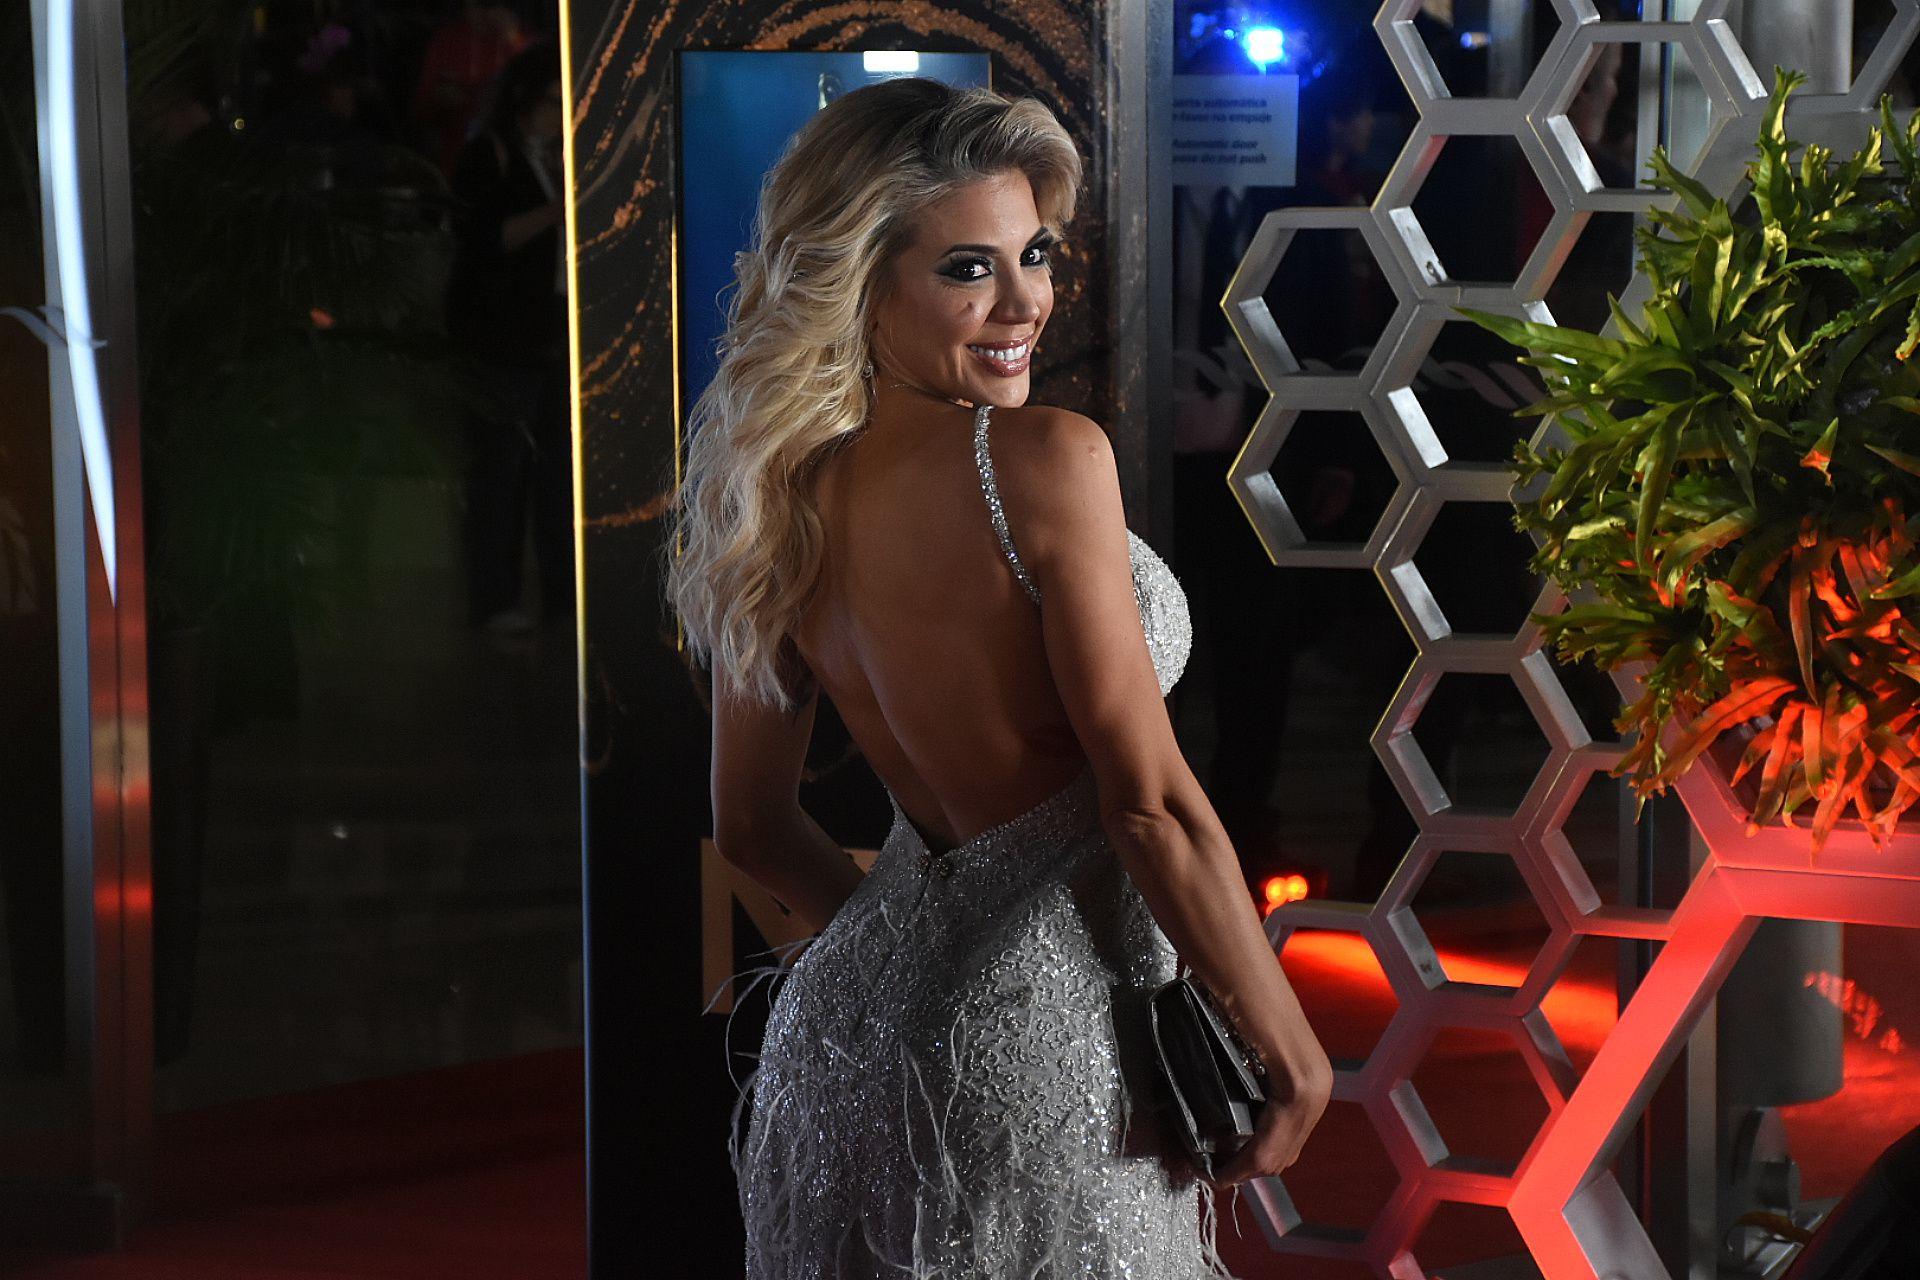 Virgina Gallardo impactó con su look plateado con un gran escote en la espalda. Un diseño bordado con los breteles de strass y plumas. Para completar el look, un sobre en gris